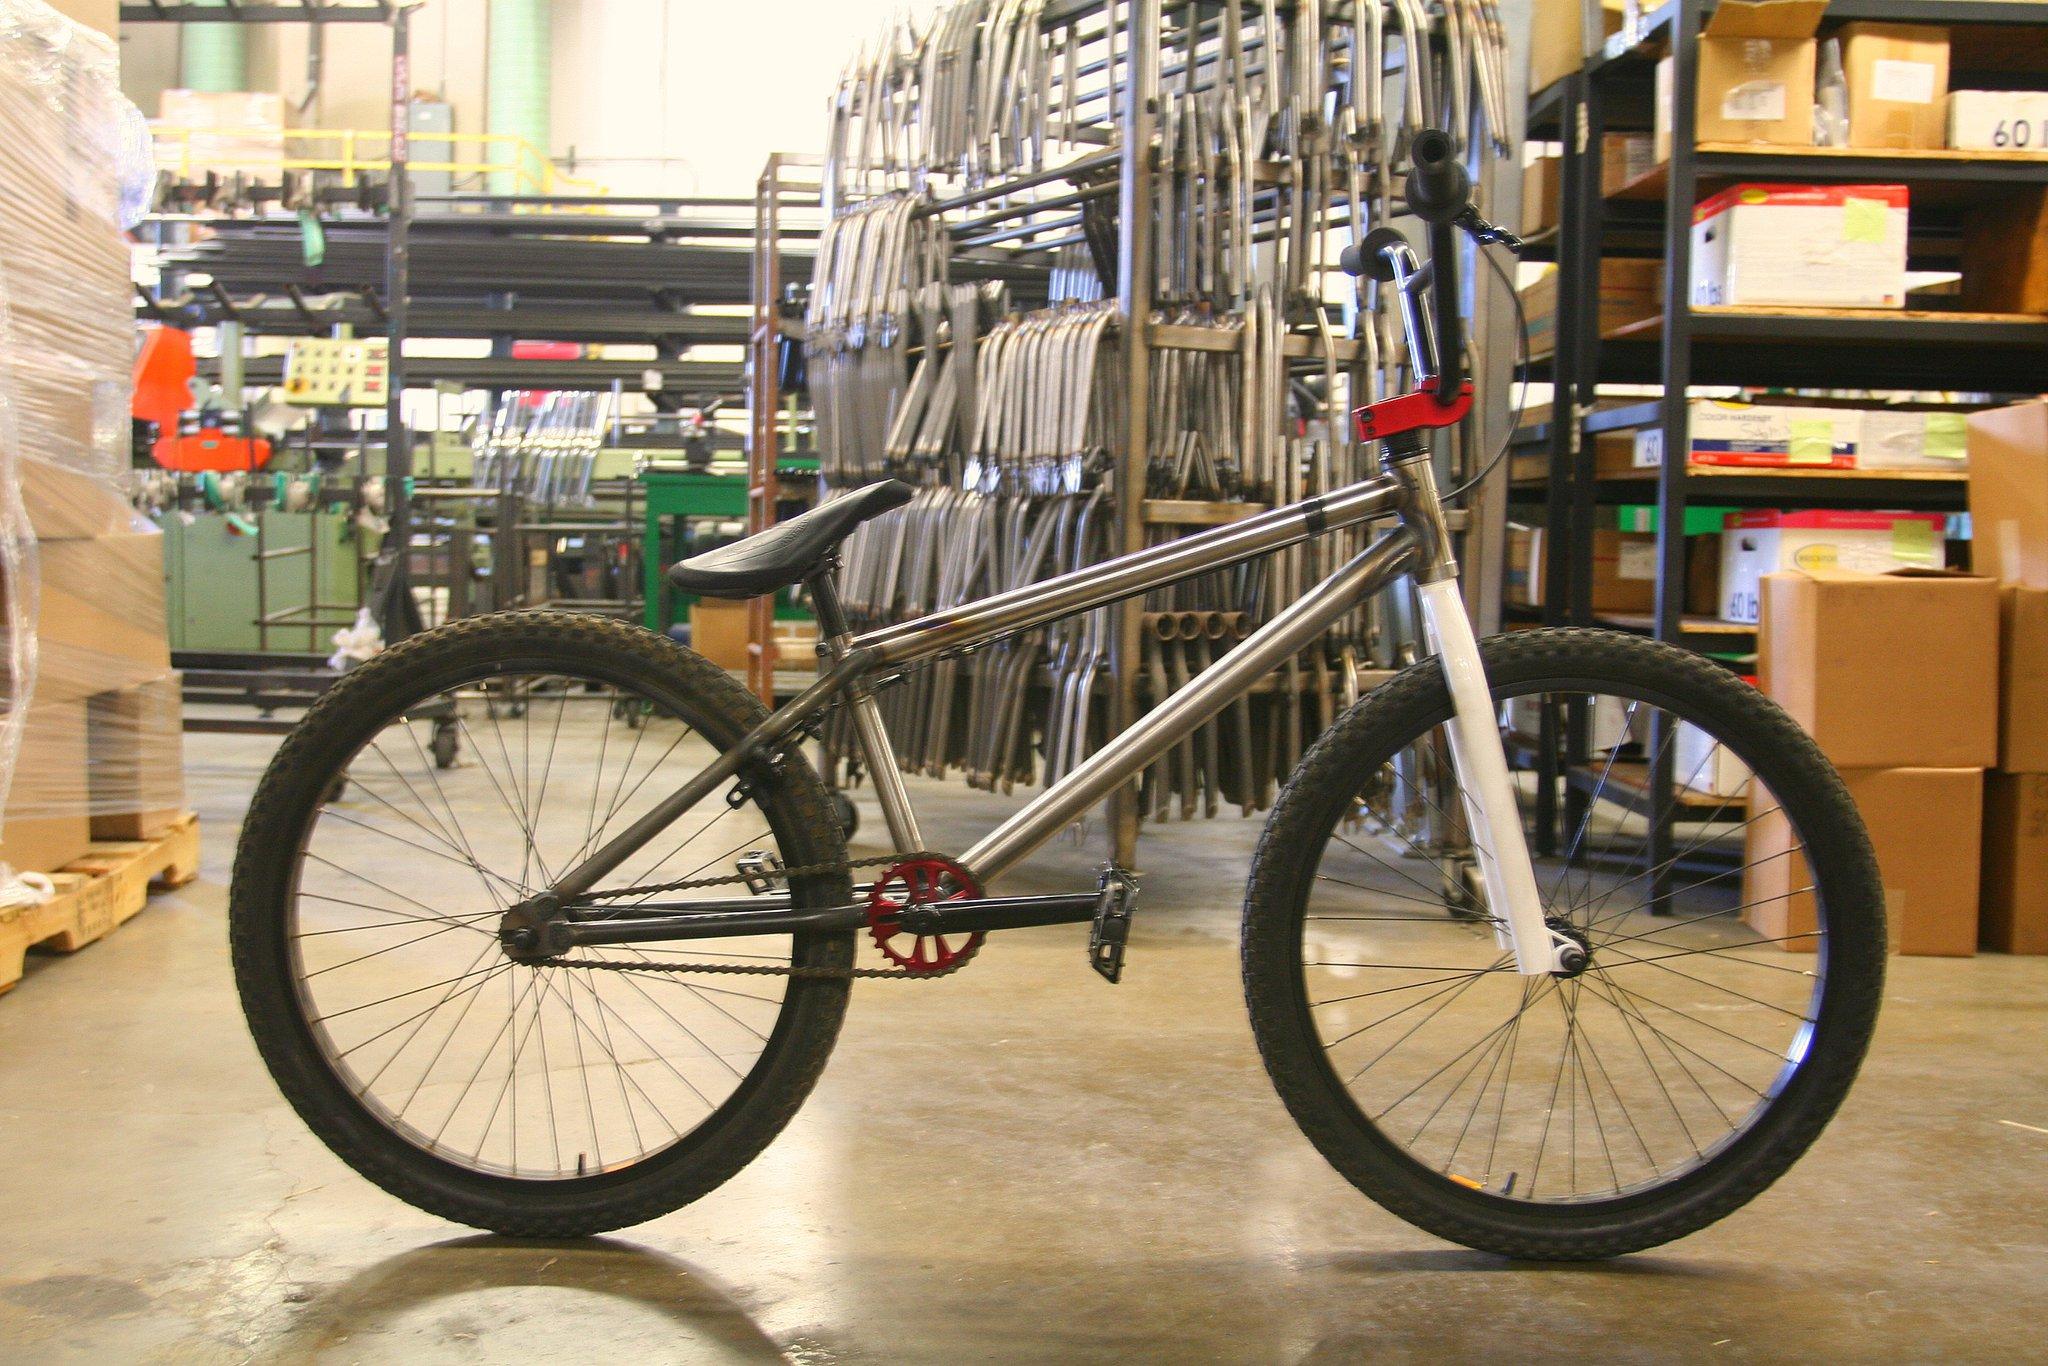 S&M Dirt Bike cruiser | cruiser revolution